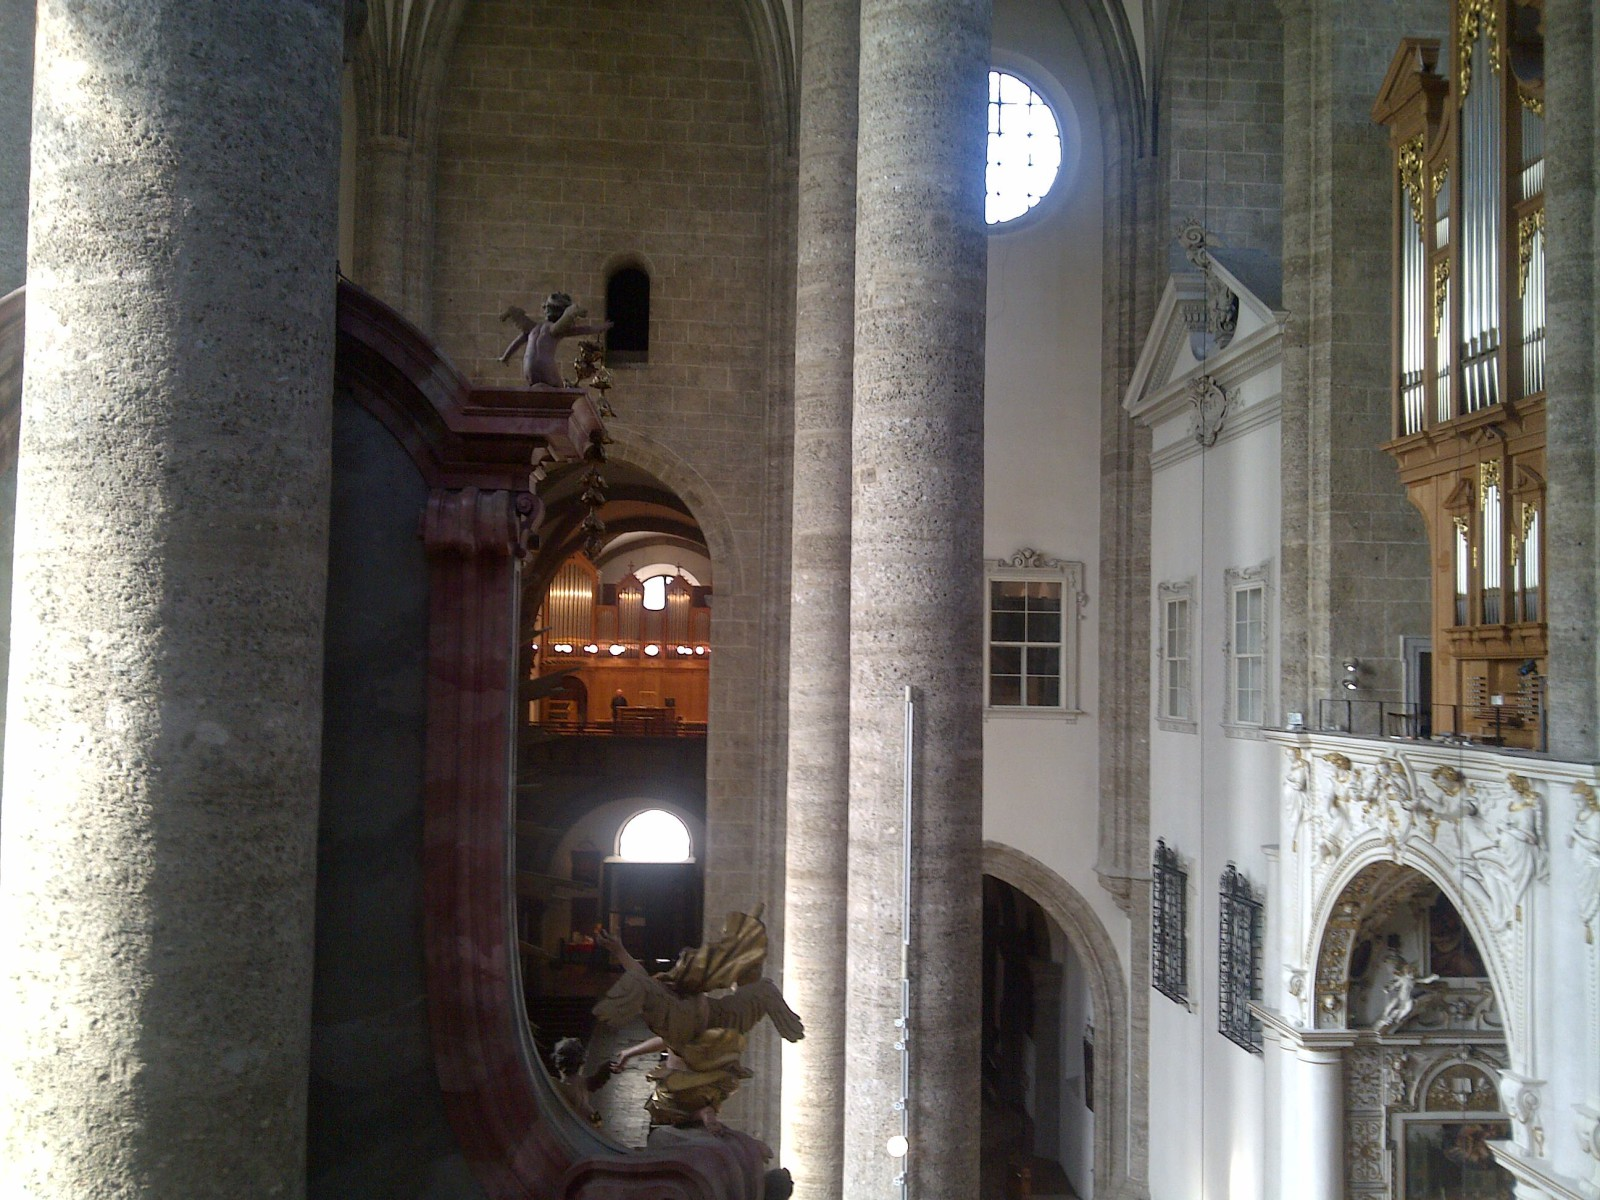 Zwei auf einen Blick: die Marienorgel (re) und die Heilig-Geist-Orgel (hinten)